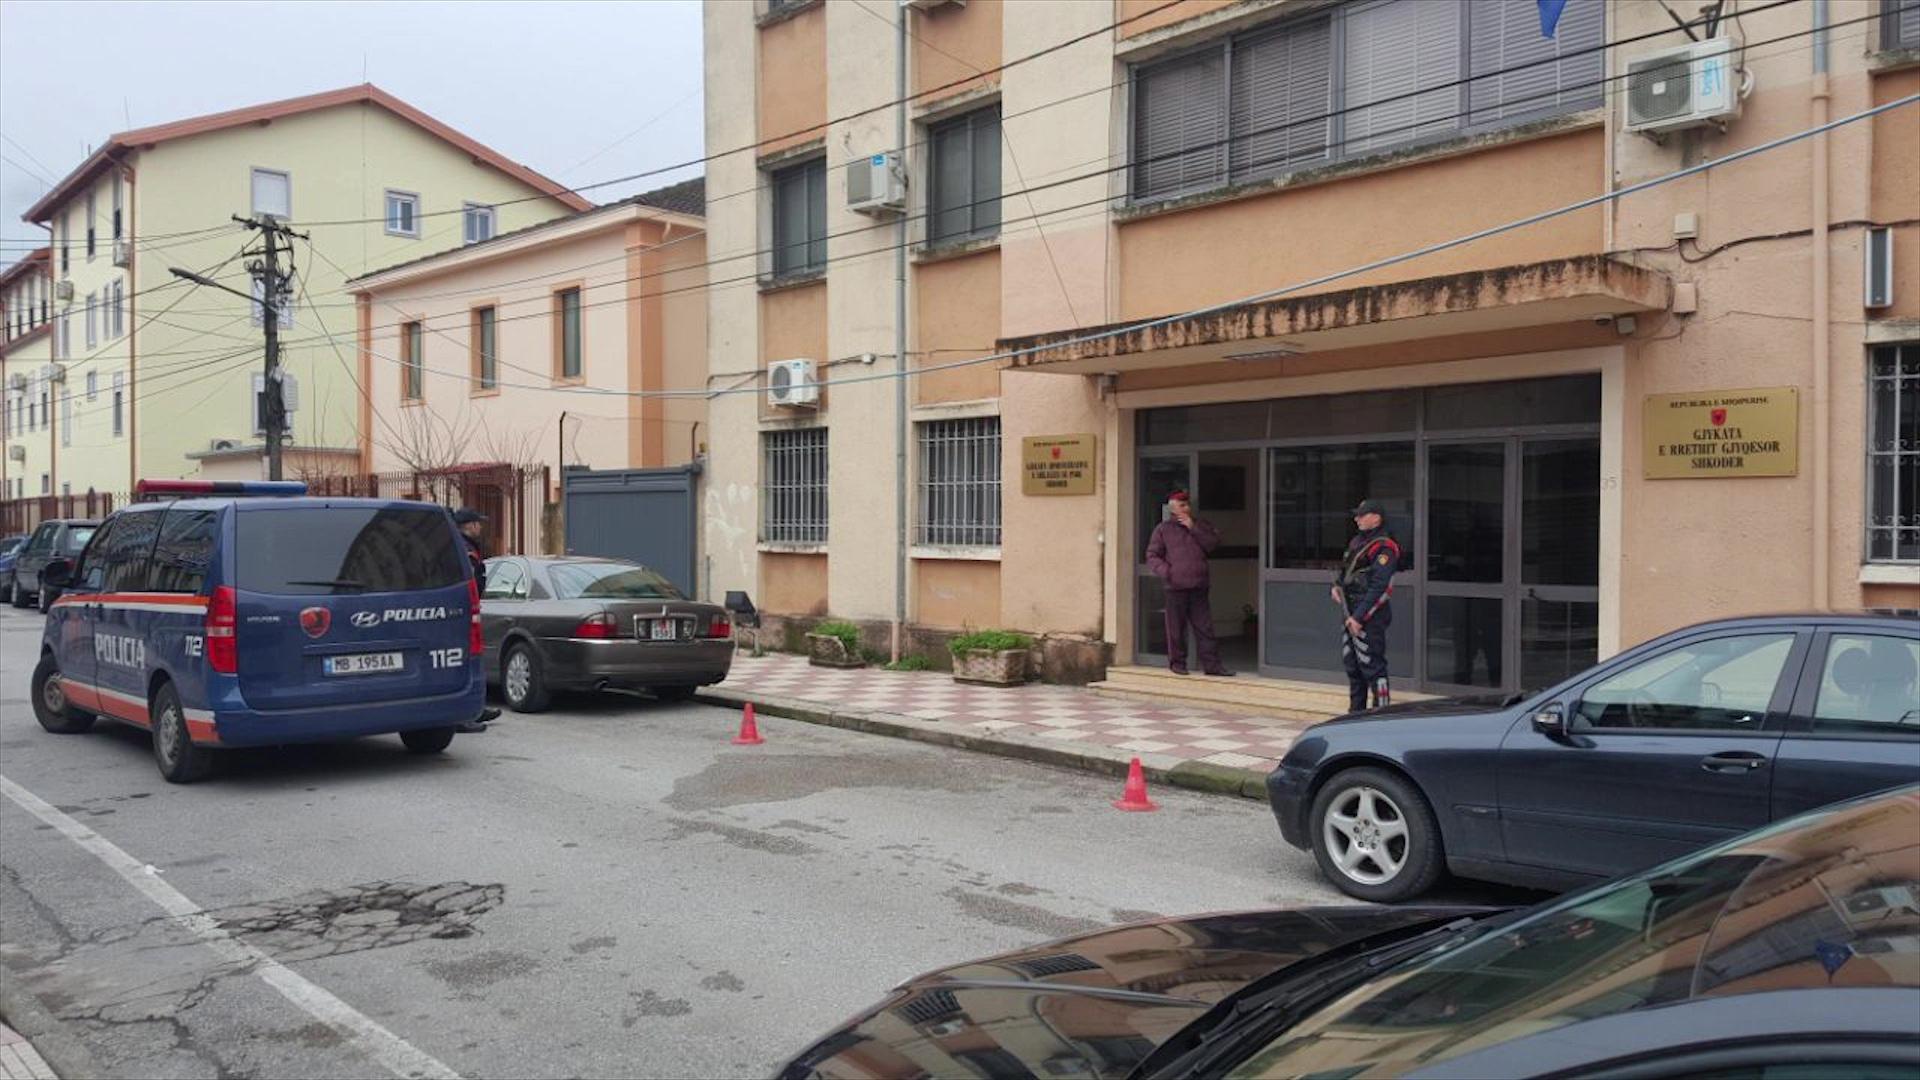 Atentati me tritol në Shkodër, Gjykata lë në burg tre bashkëpunëtorët